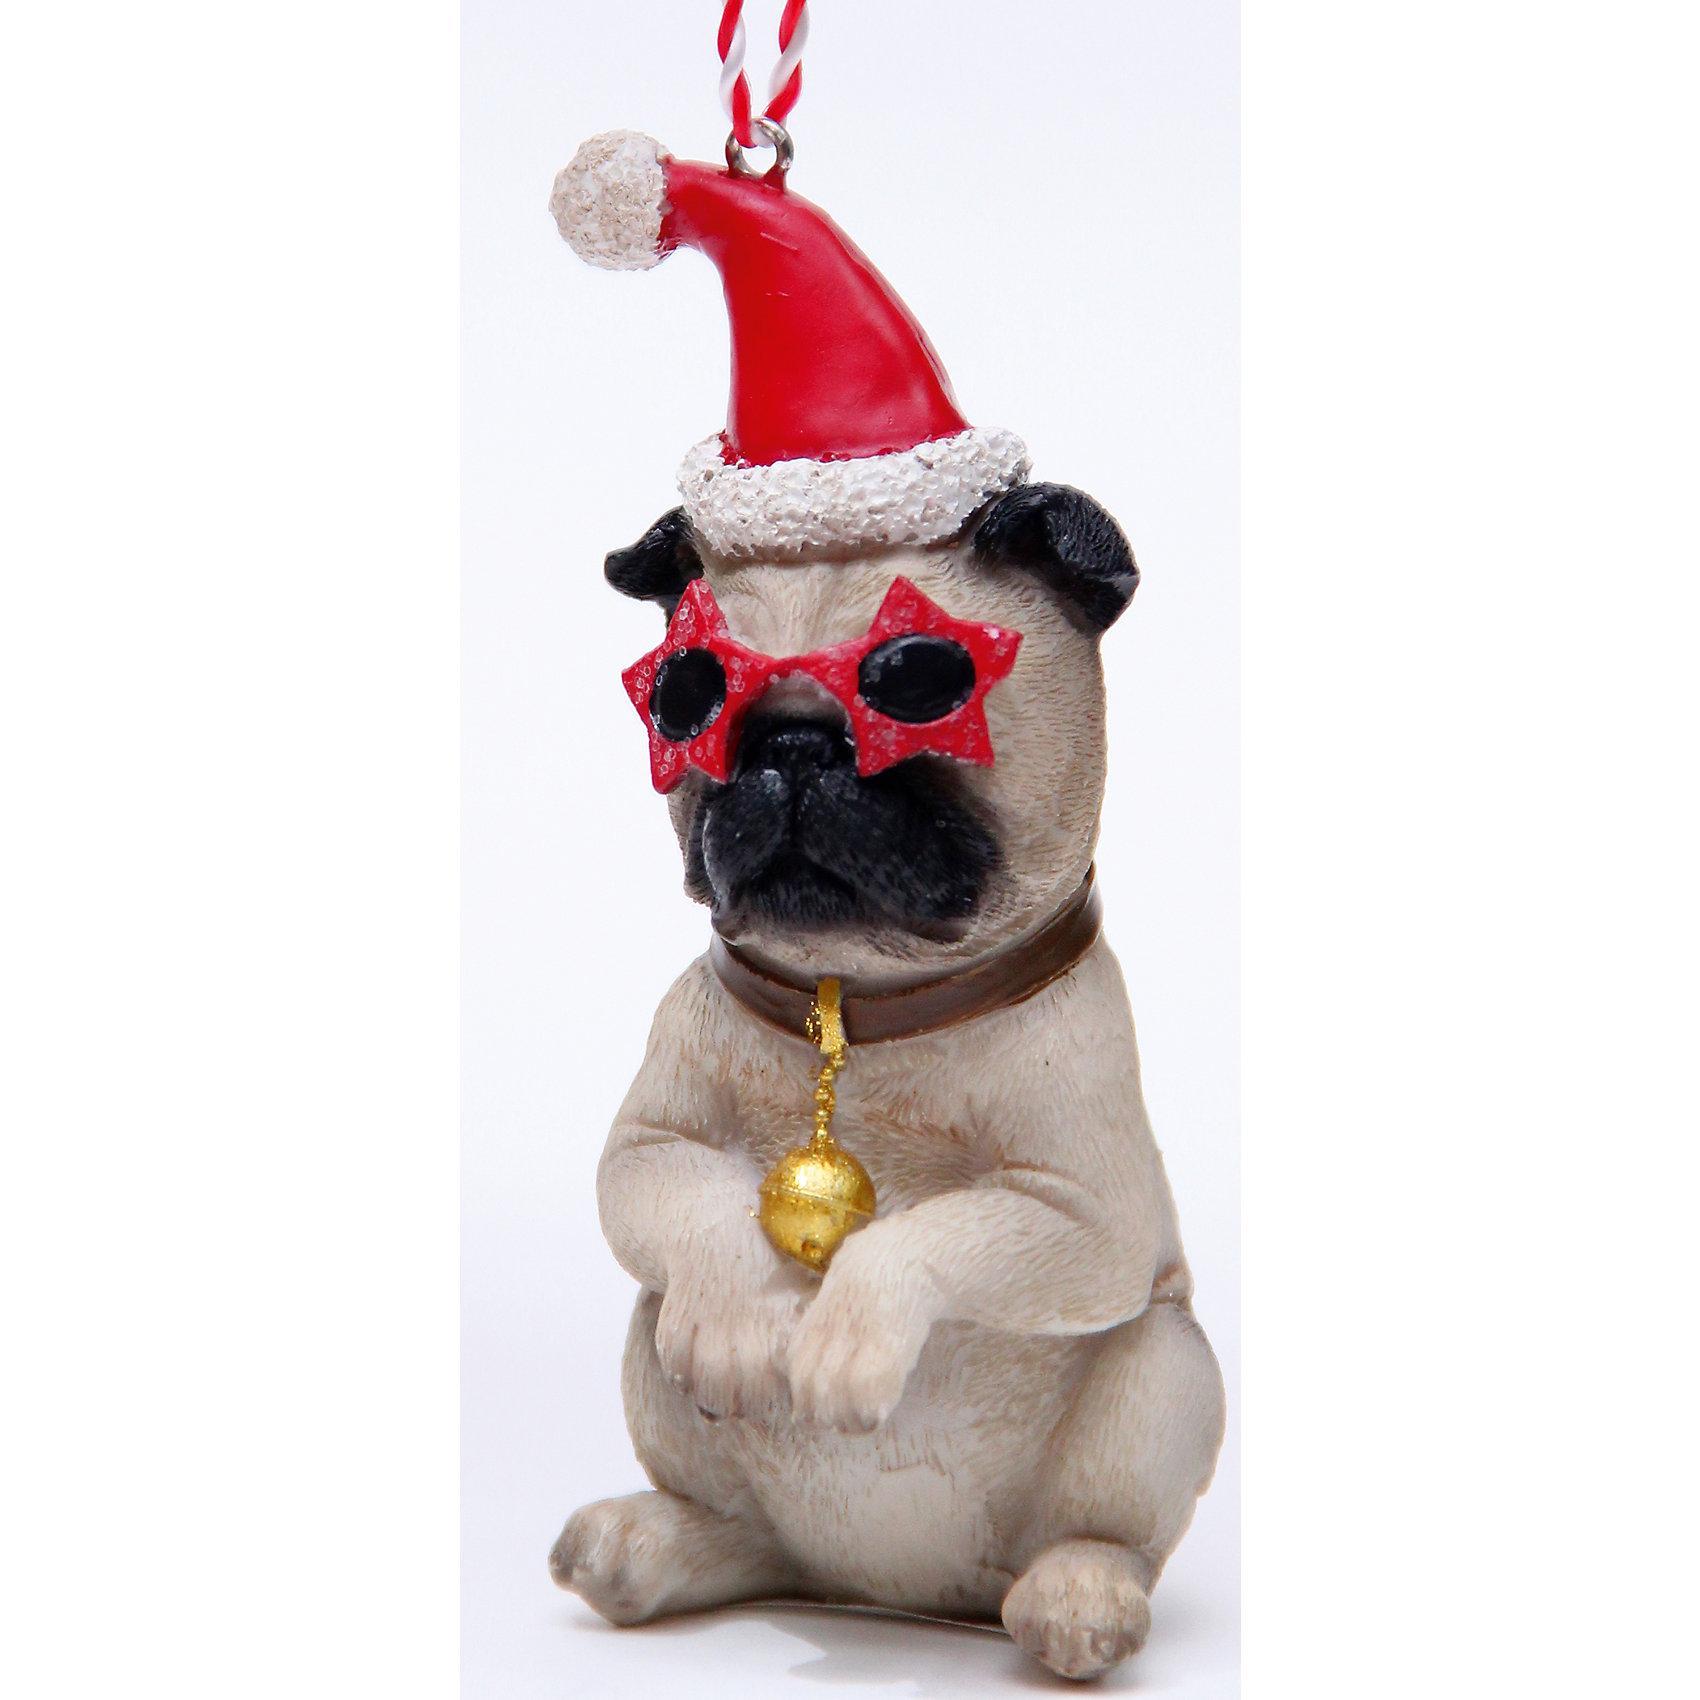 Новогоднее подвесное украшение Собака в красных очках из полирезины  (5х4,5х10)Украшение новогоднее подвесное СОБАКА В КРАСНЫХ ОЧКАХ арт.41954 из полирезины / 5х4,5х10<br><br>Ширина мм: 60<br>Глубина мм: 50<br>Высота мм: 110<br>Вес г: 130<br>Возраст от месяцев: 60<br>Возраст до месяцев: 600<br>Пол: Унисекс<br>Возраст: Детский<br>SKU: 5144697